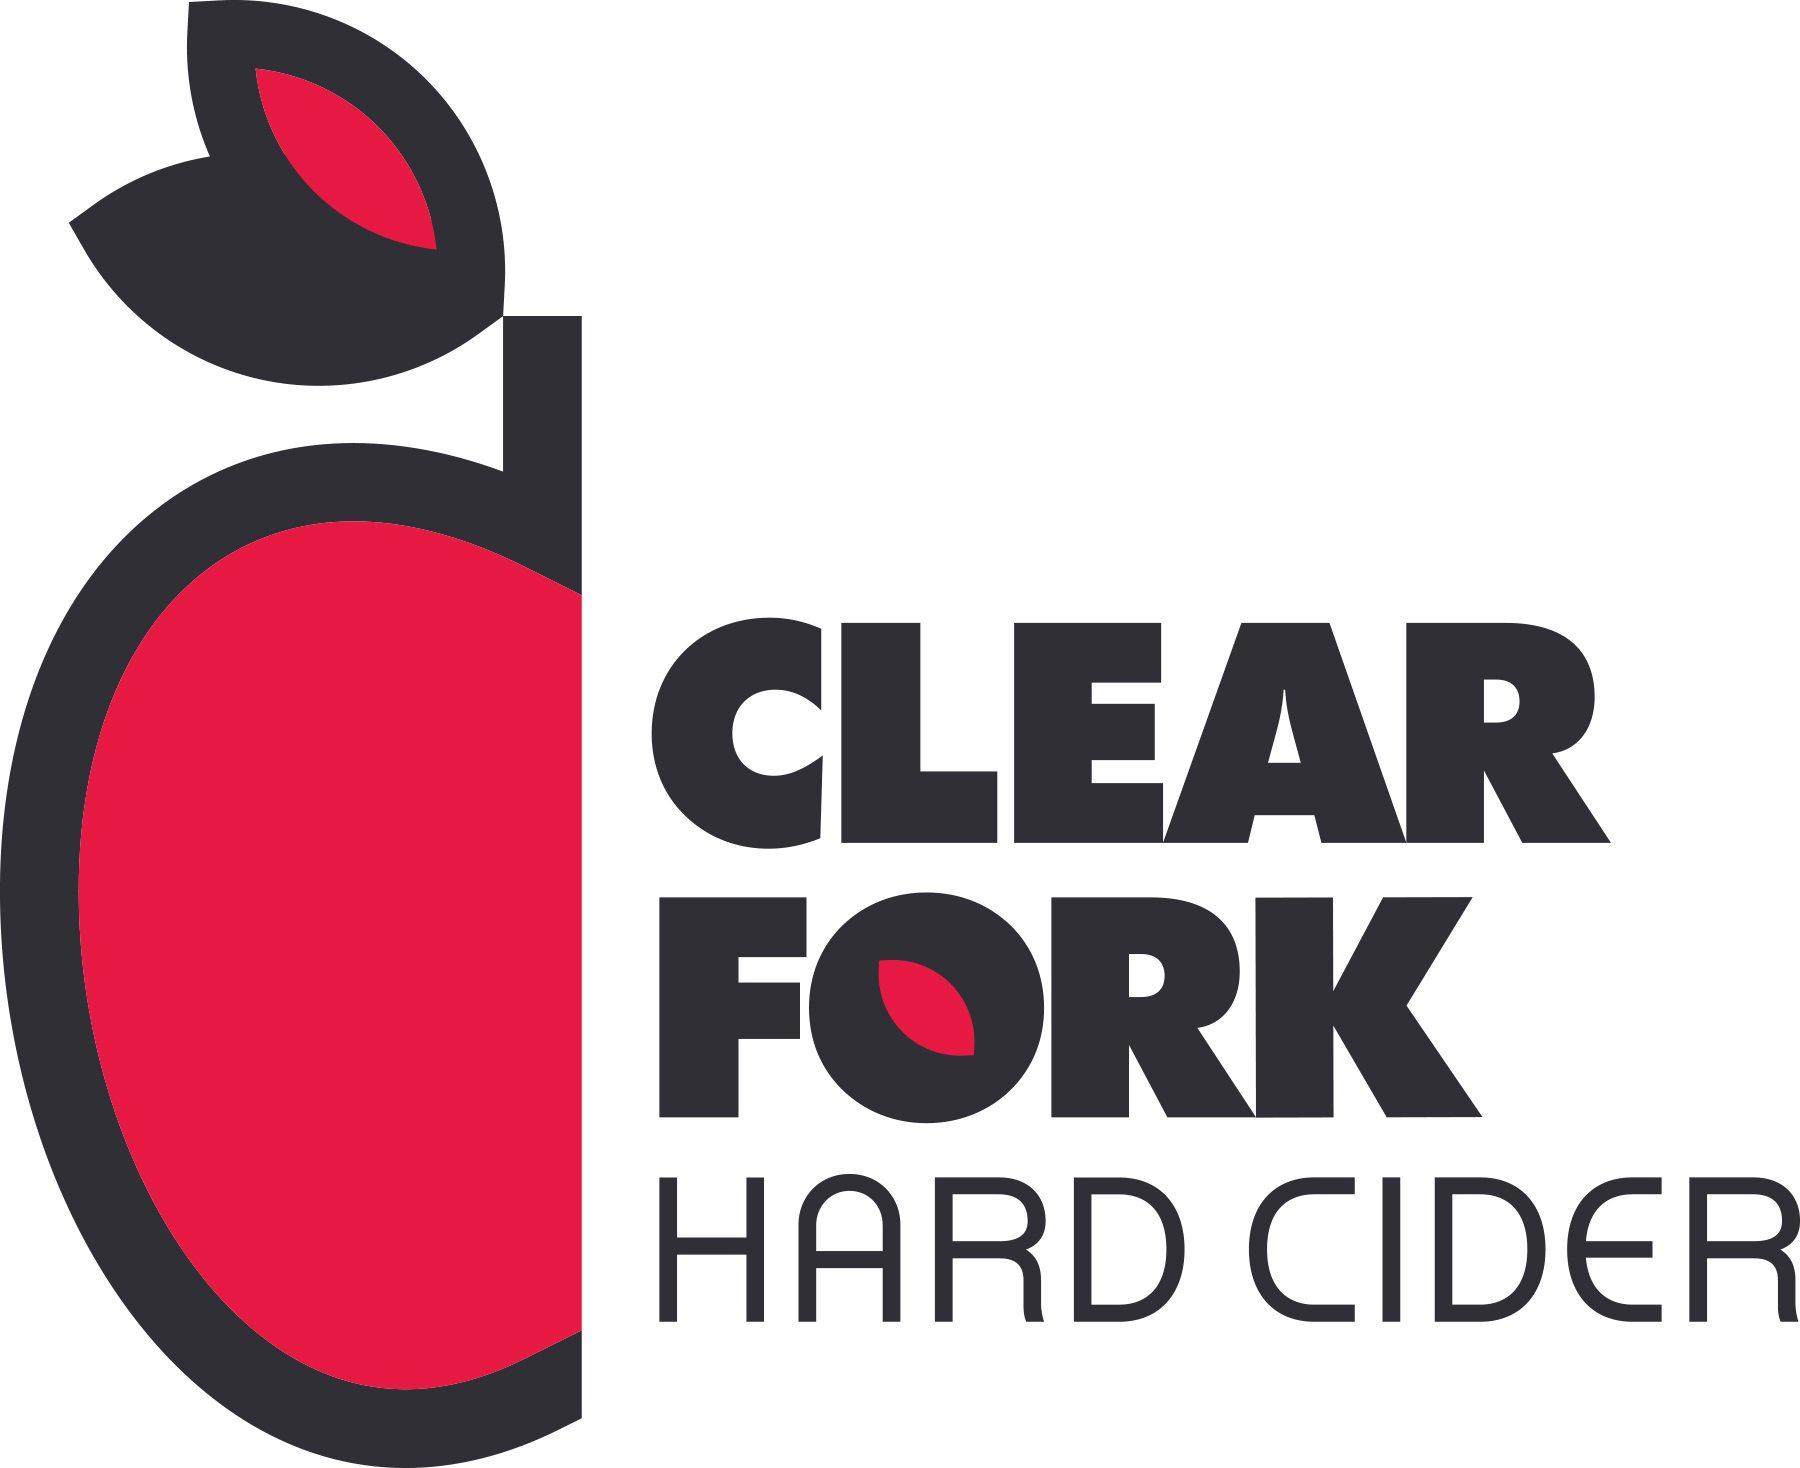 Clear Fork Cider